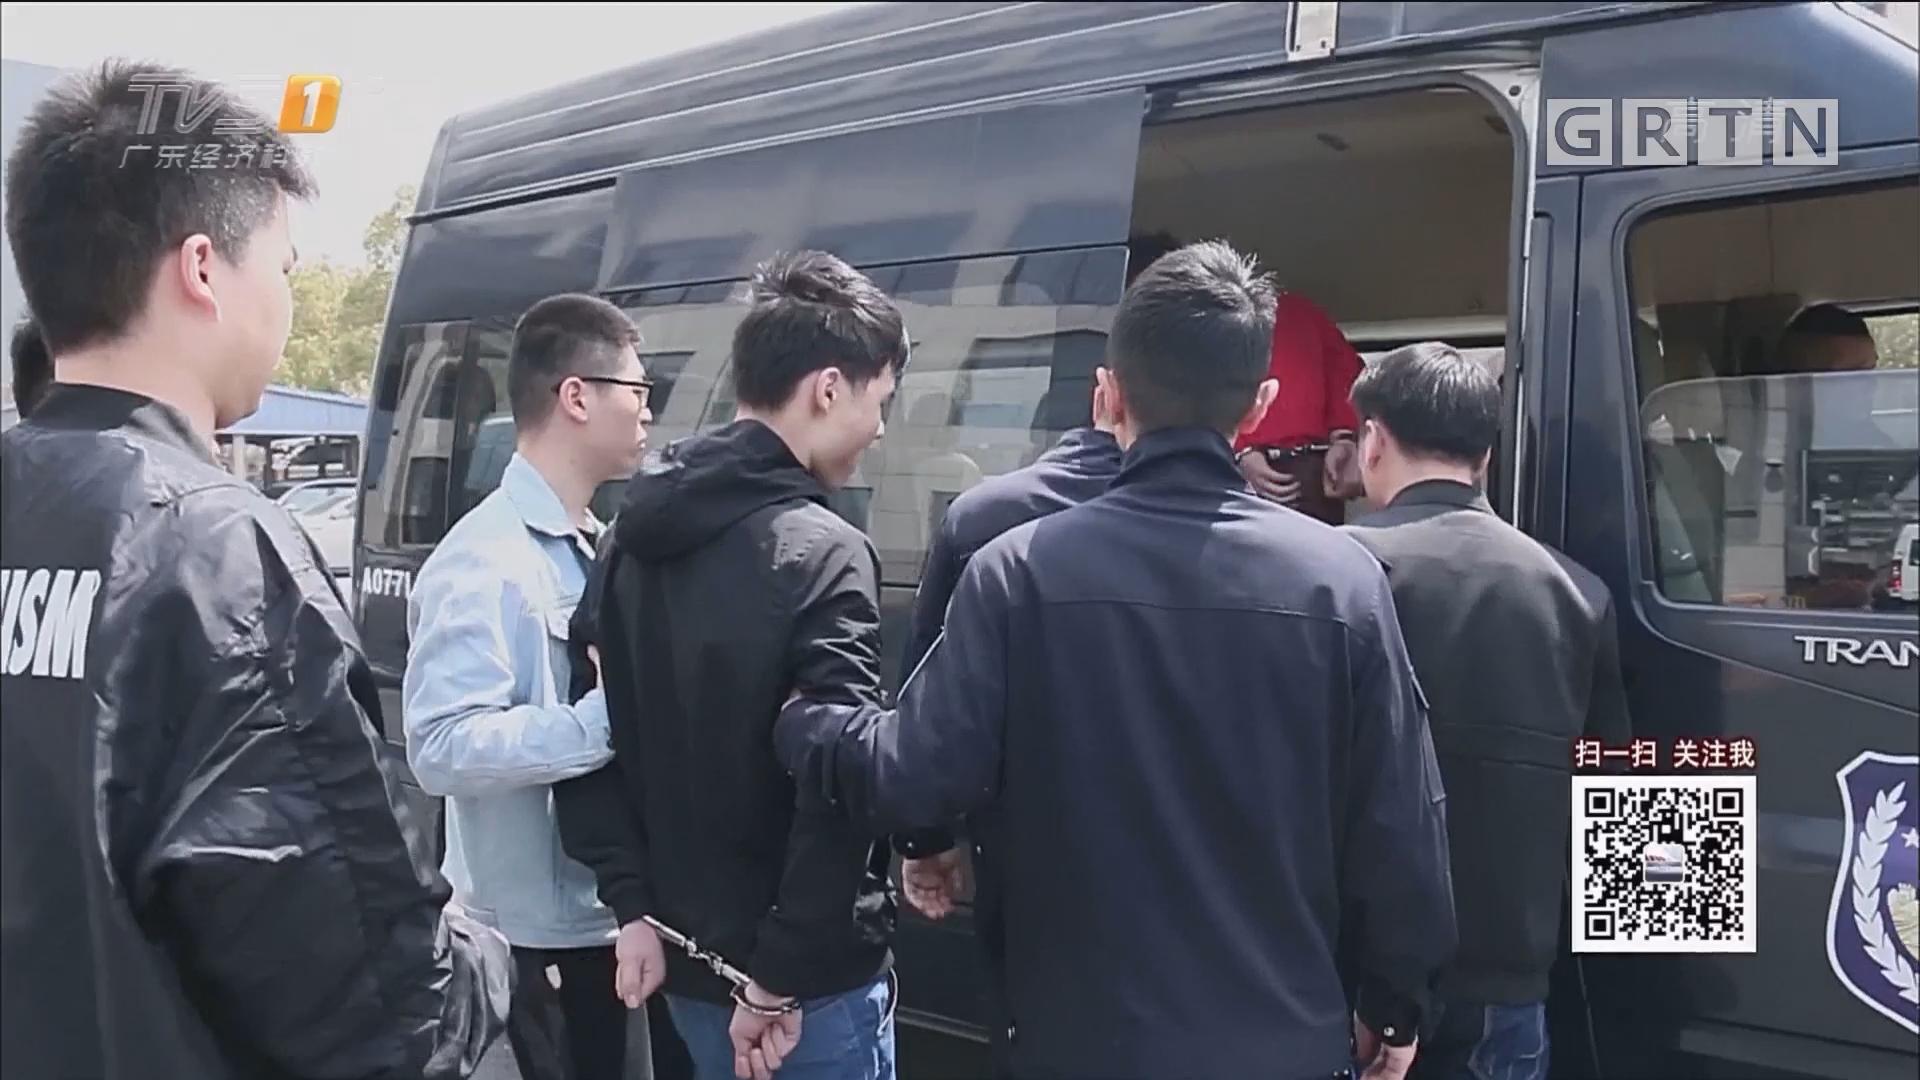 被抓!20岁小伙拍打人视频炫耀